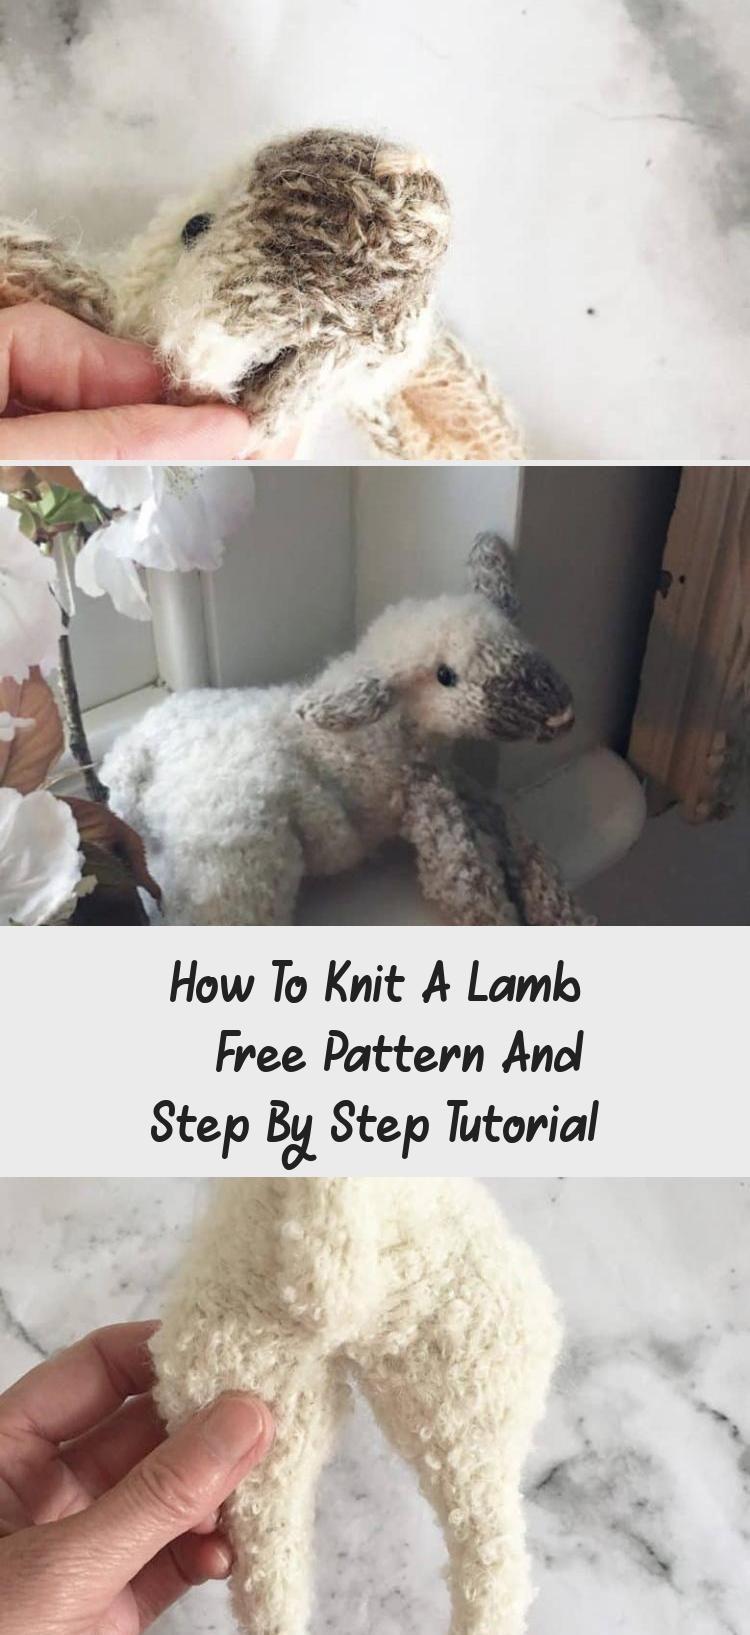 Cómo tejer un cordero - Patrón gratuito y tutorial paso a paso - Bordado